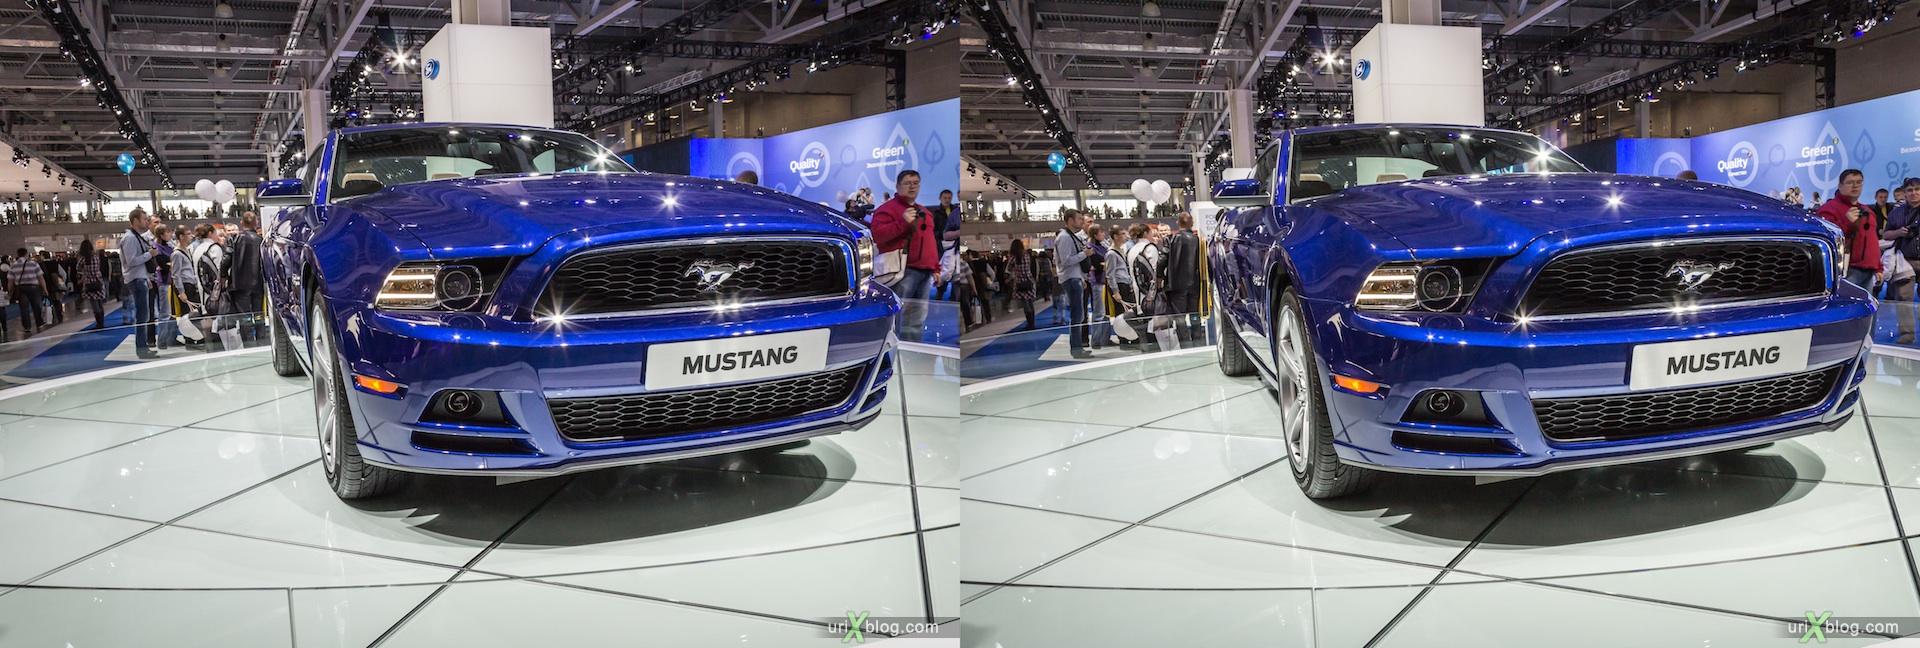 2012, Mustang, Московский международный автомобильный салон, ММАС, Крокус Экспо, 3D, стереопара